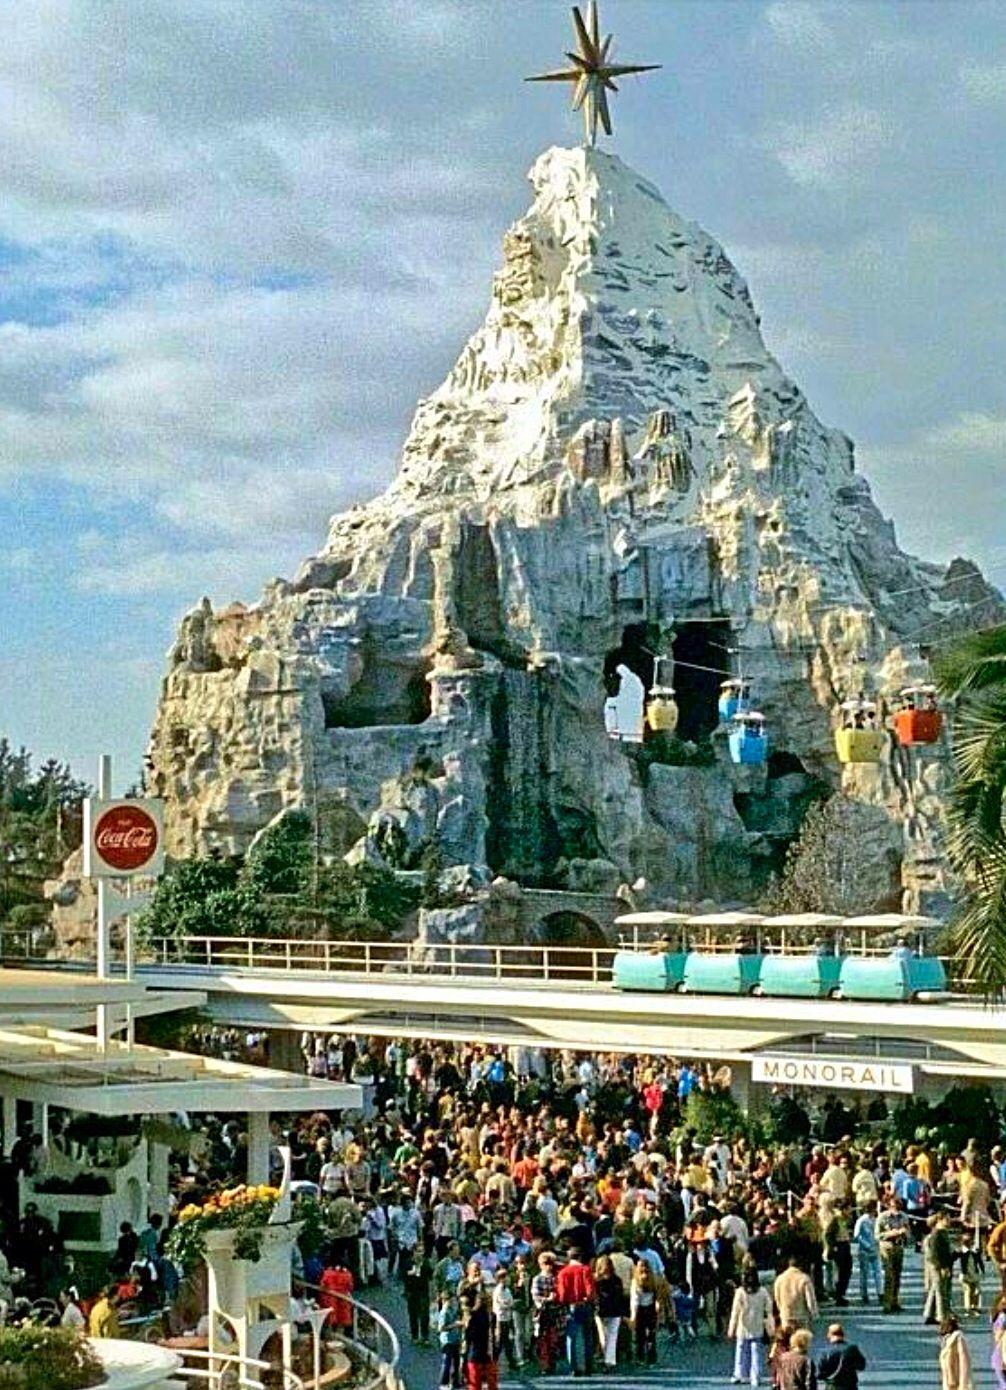 Matterhorn Disneyland Christmas